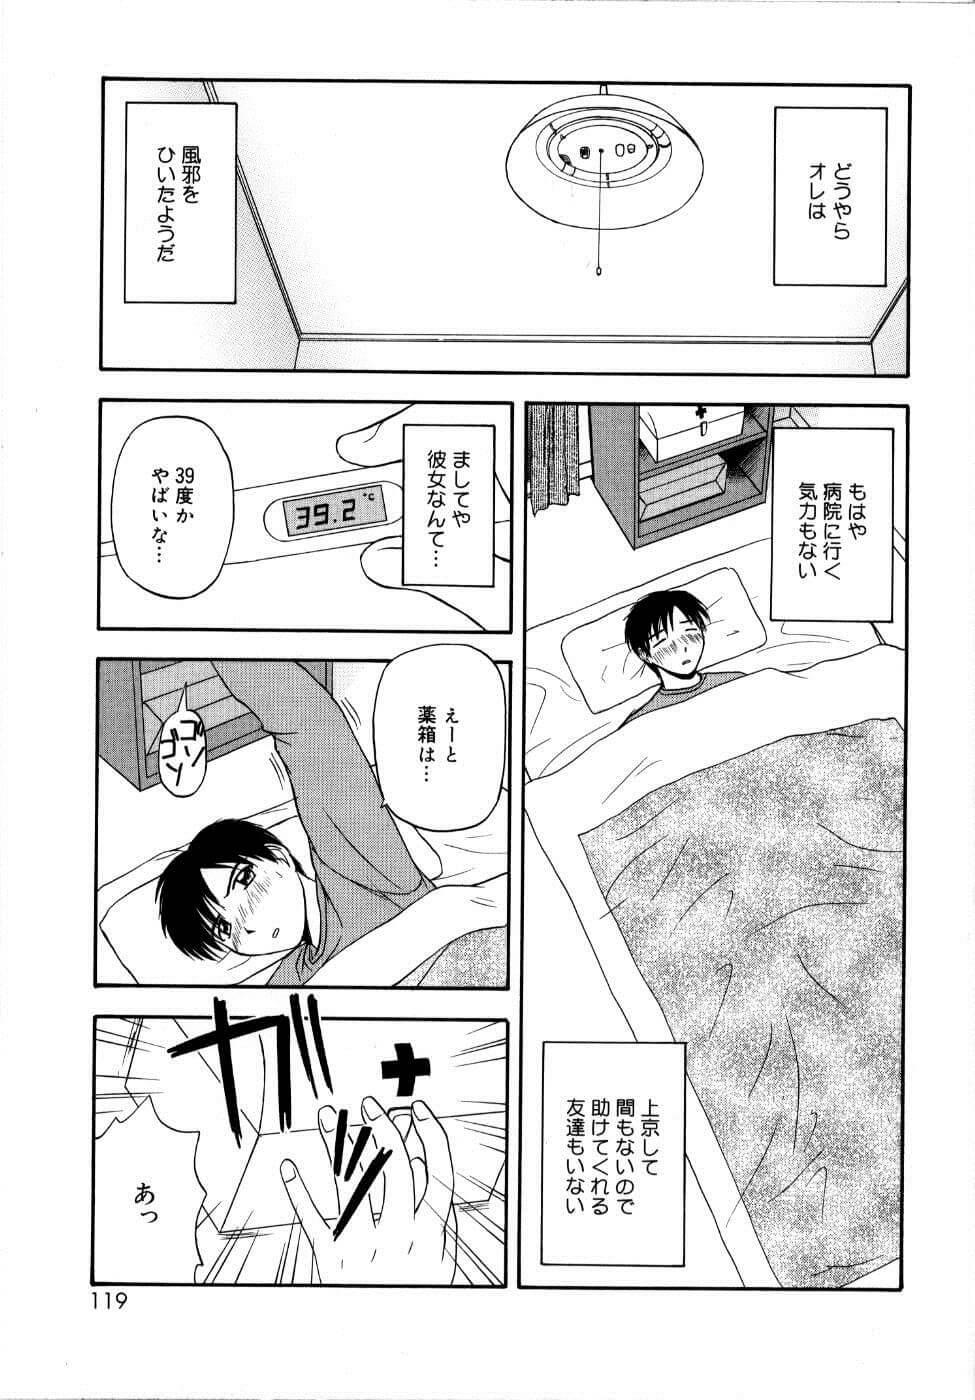 【エロ同人誌】学校が大変で元気がない男の子、お風呂でメイドがマッサージで疲れを癒してくれることに。【散る国 エロ漫画】